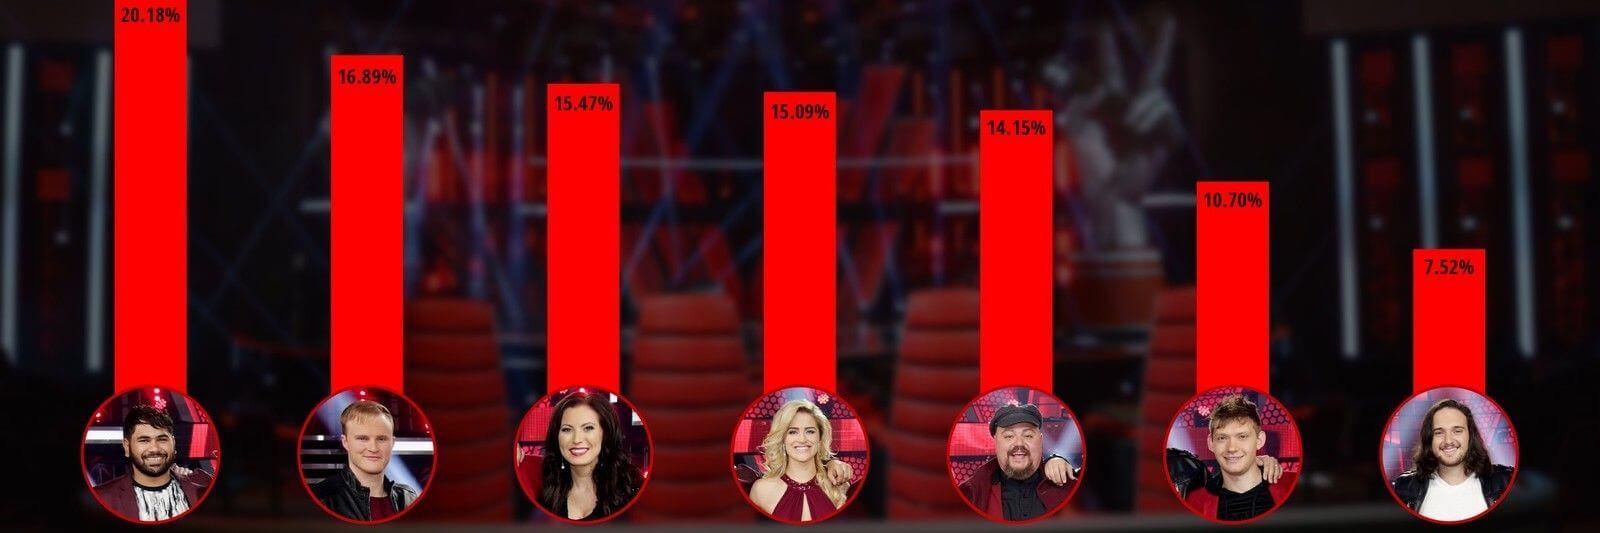 27 voice finale results percentage 005 pre